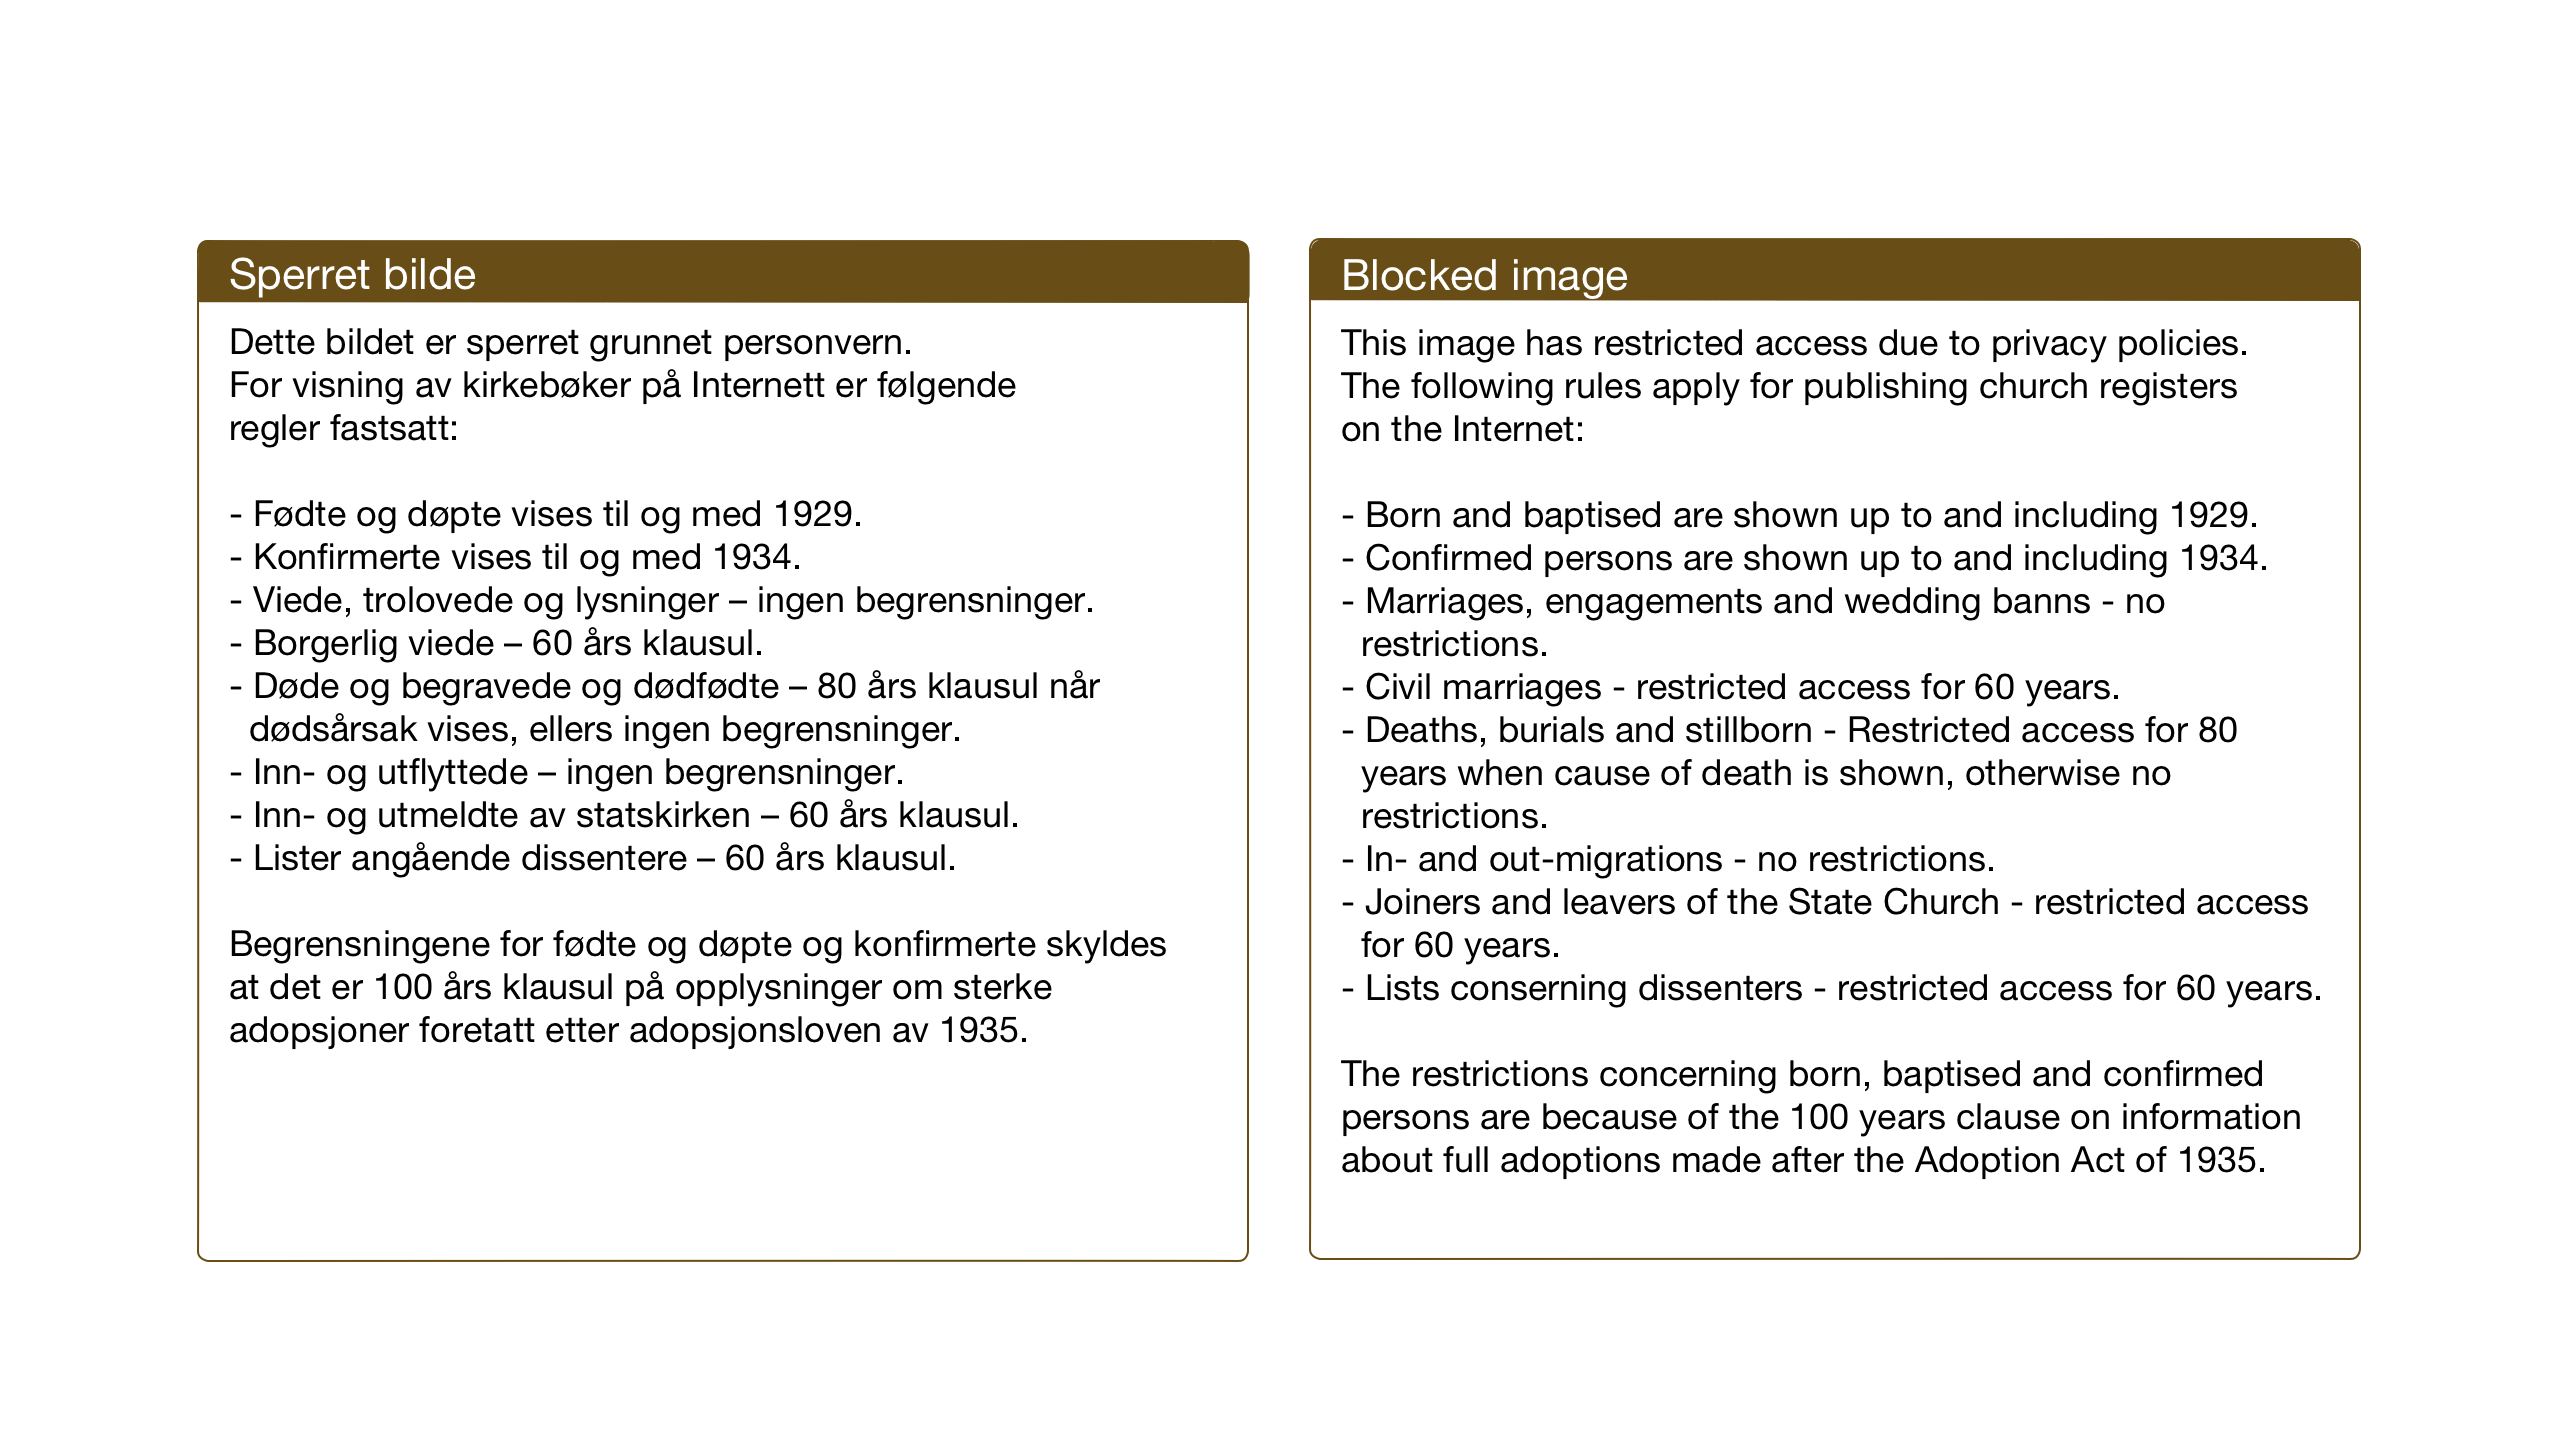 SAT, Ministerialprotokoller, klokkerbøker og fødselsregistre - Nord-Trøndelag, 780/L0654: Klokkerbok nr. 780C06, 1928-1942, s. 49